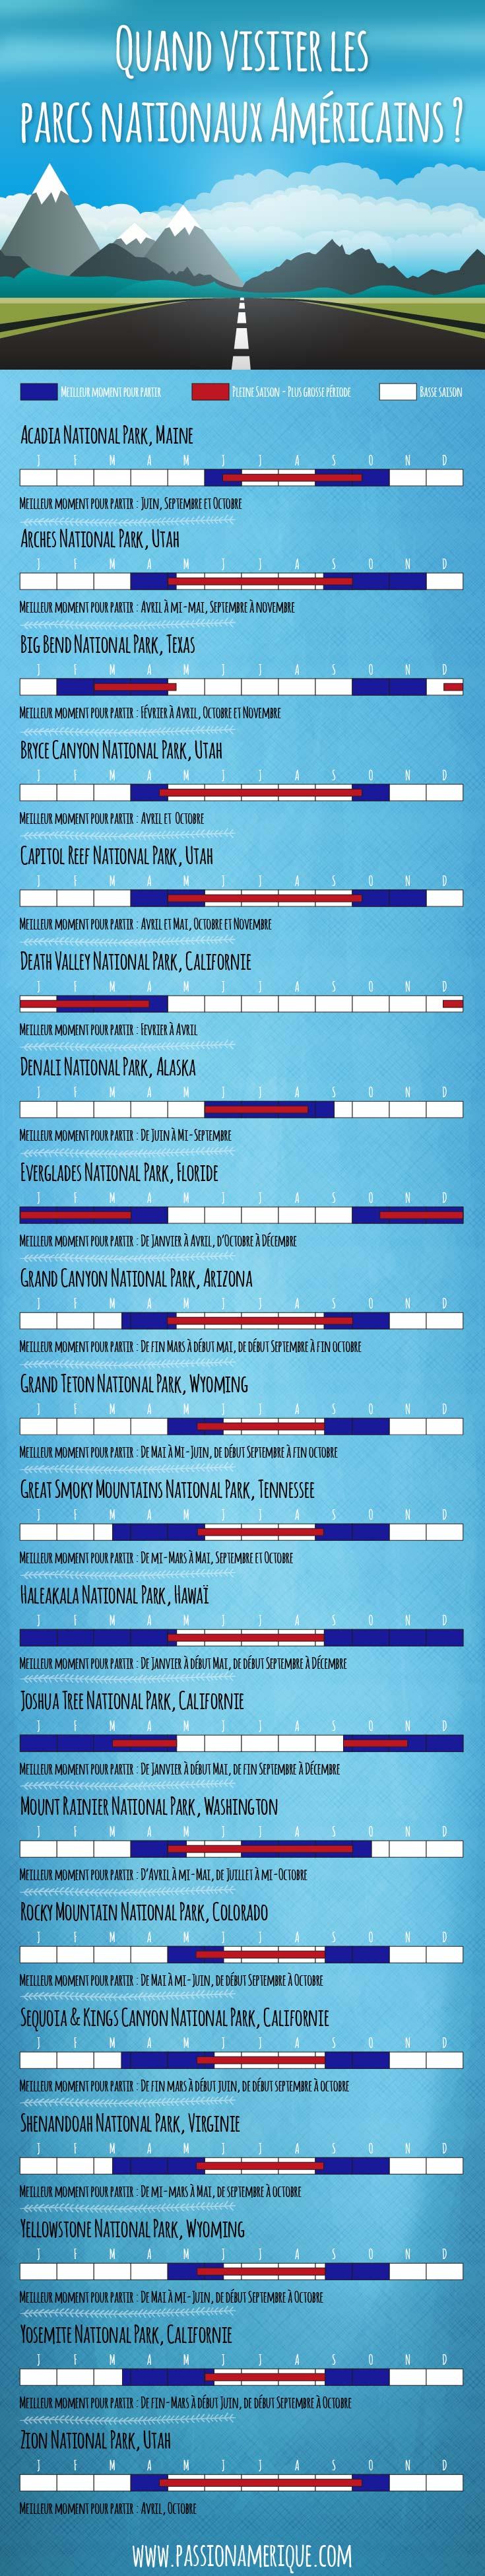 Infographie sur la meilleure période pour visiter les parcs nationaux américains